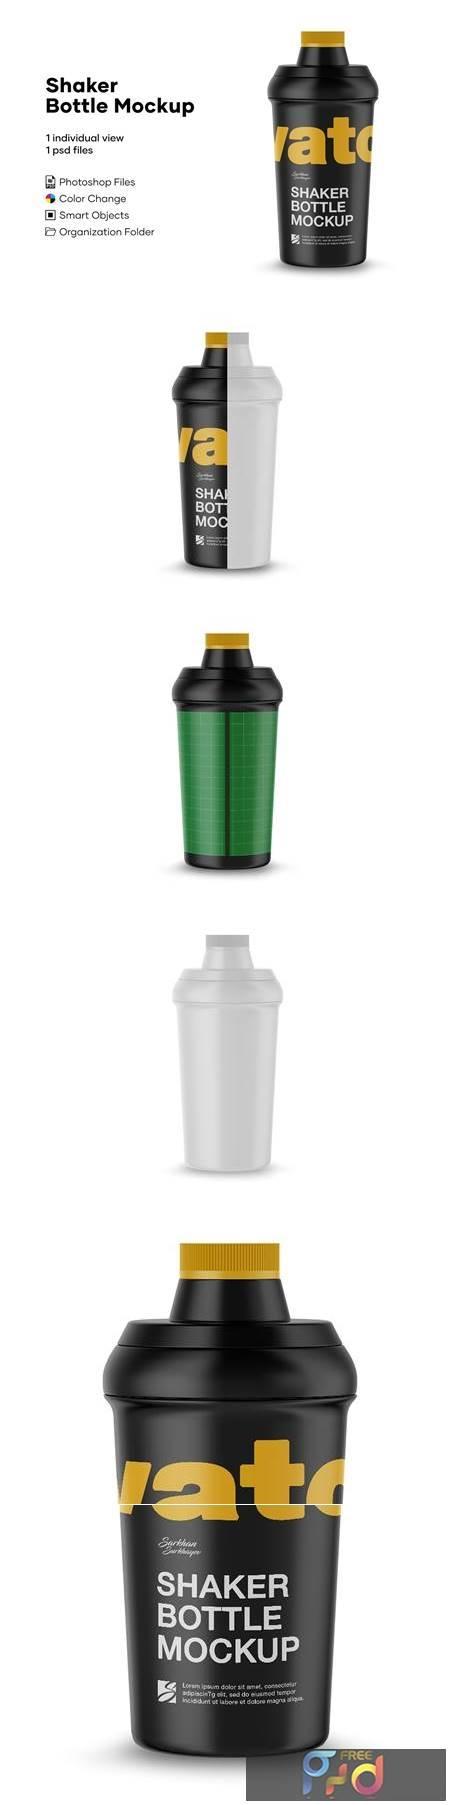 Shaker Bottle Mockup 4889119 1